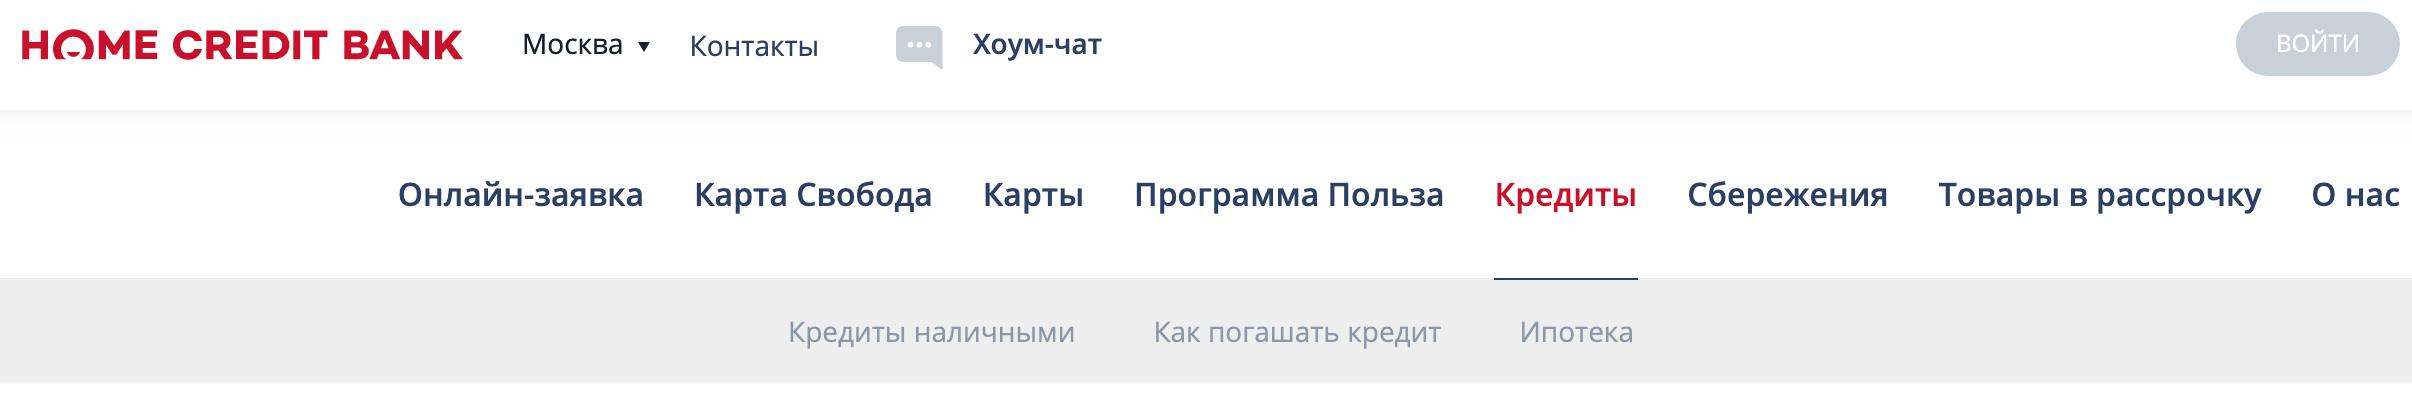 Андрей картавцев скачать торрент все песни